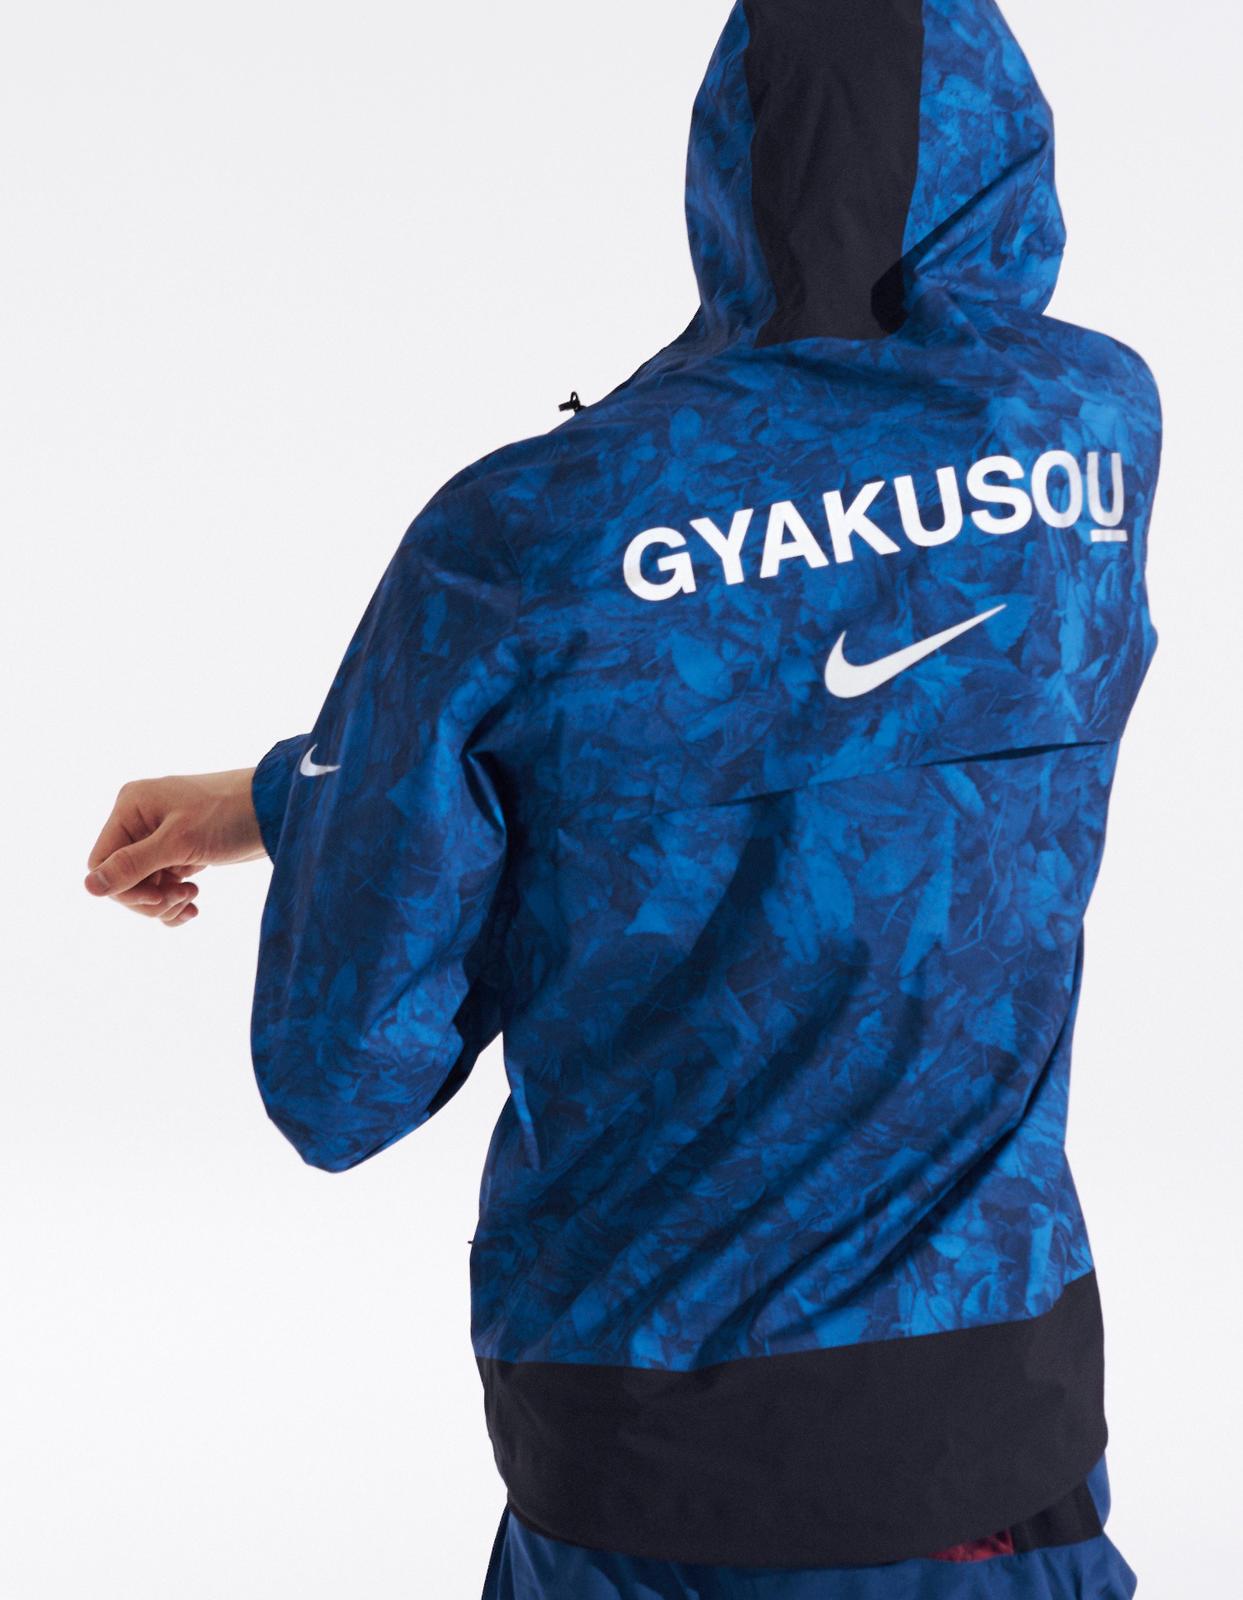 Nike X Gyakusou Shoes